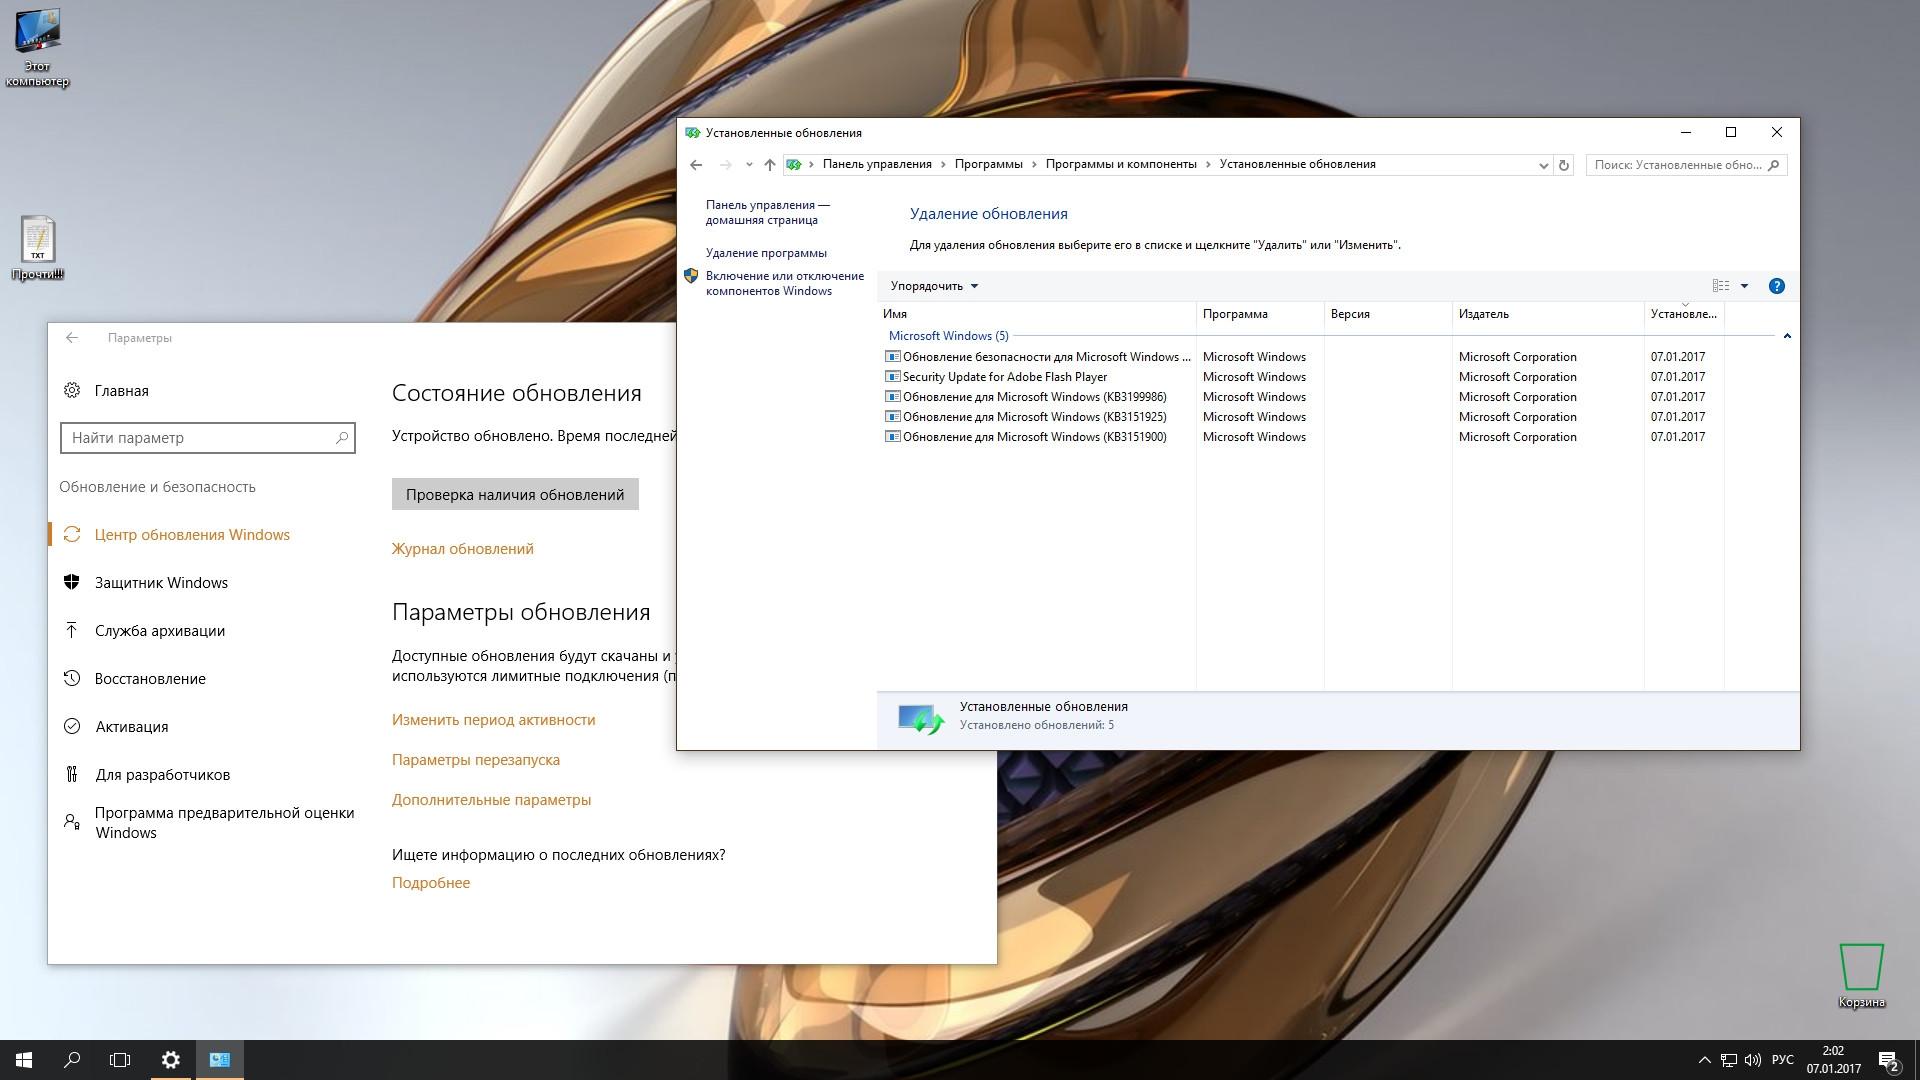 Скачать через торрент Windows 10 Uralsoft